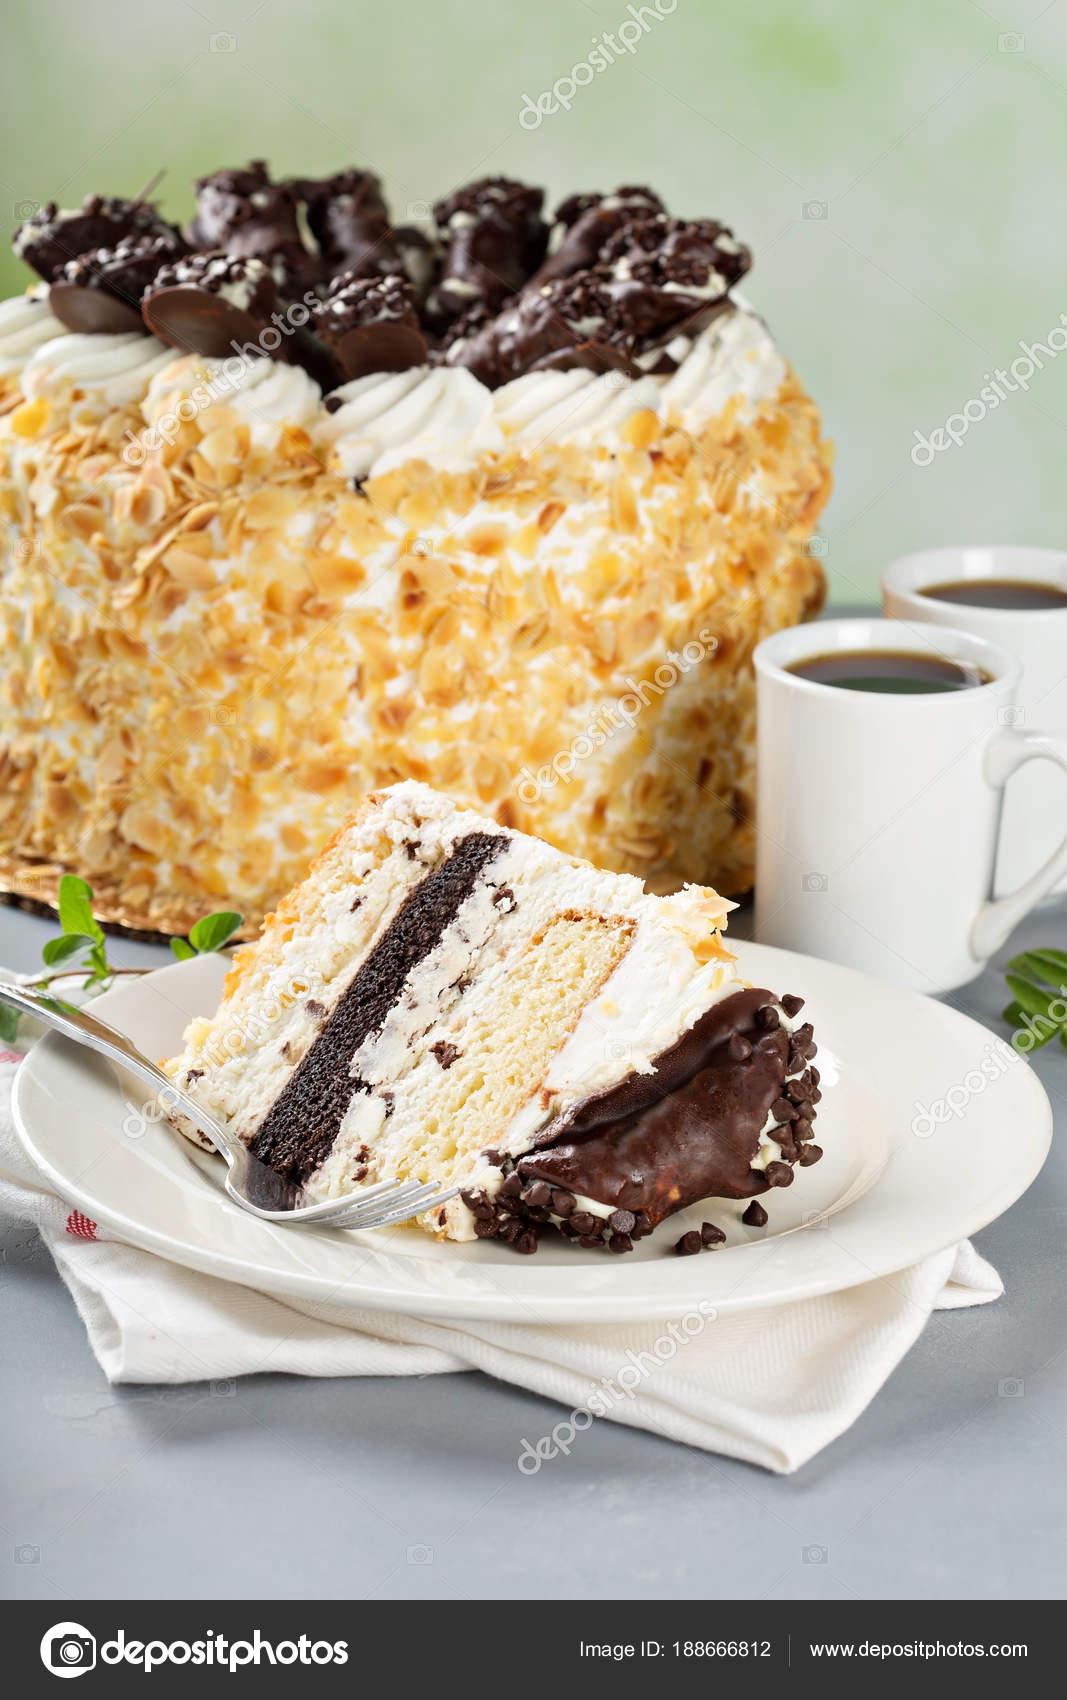 Italienische Kuchen Mit Schokolade Cannoli An Der Spitze Stockfoto